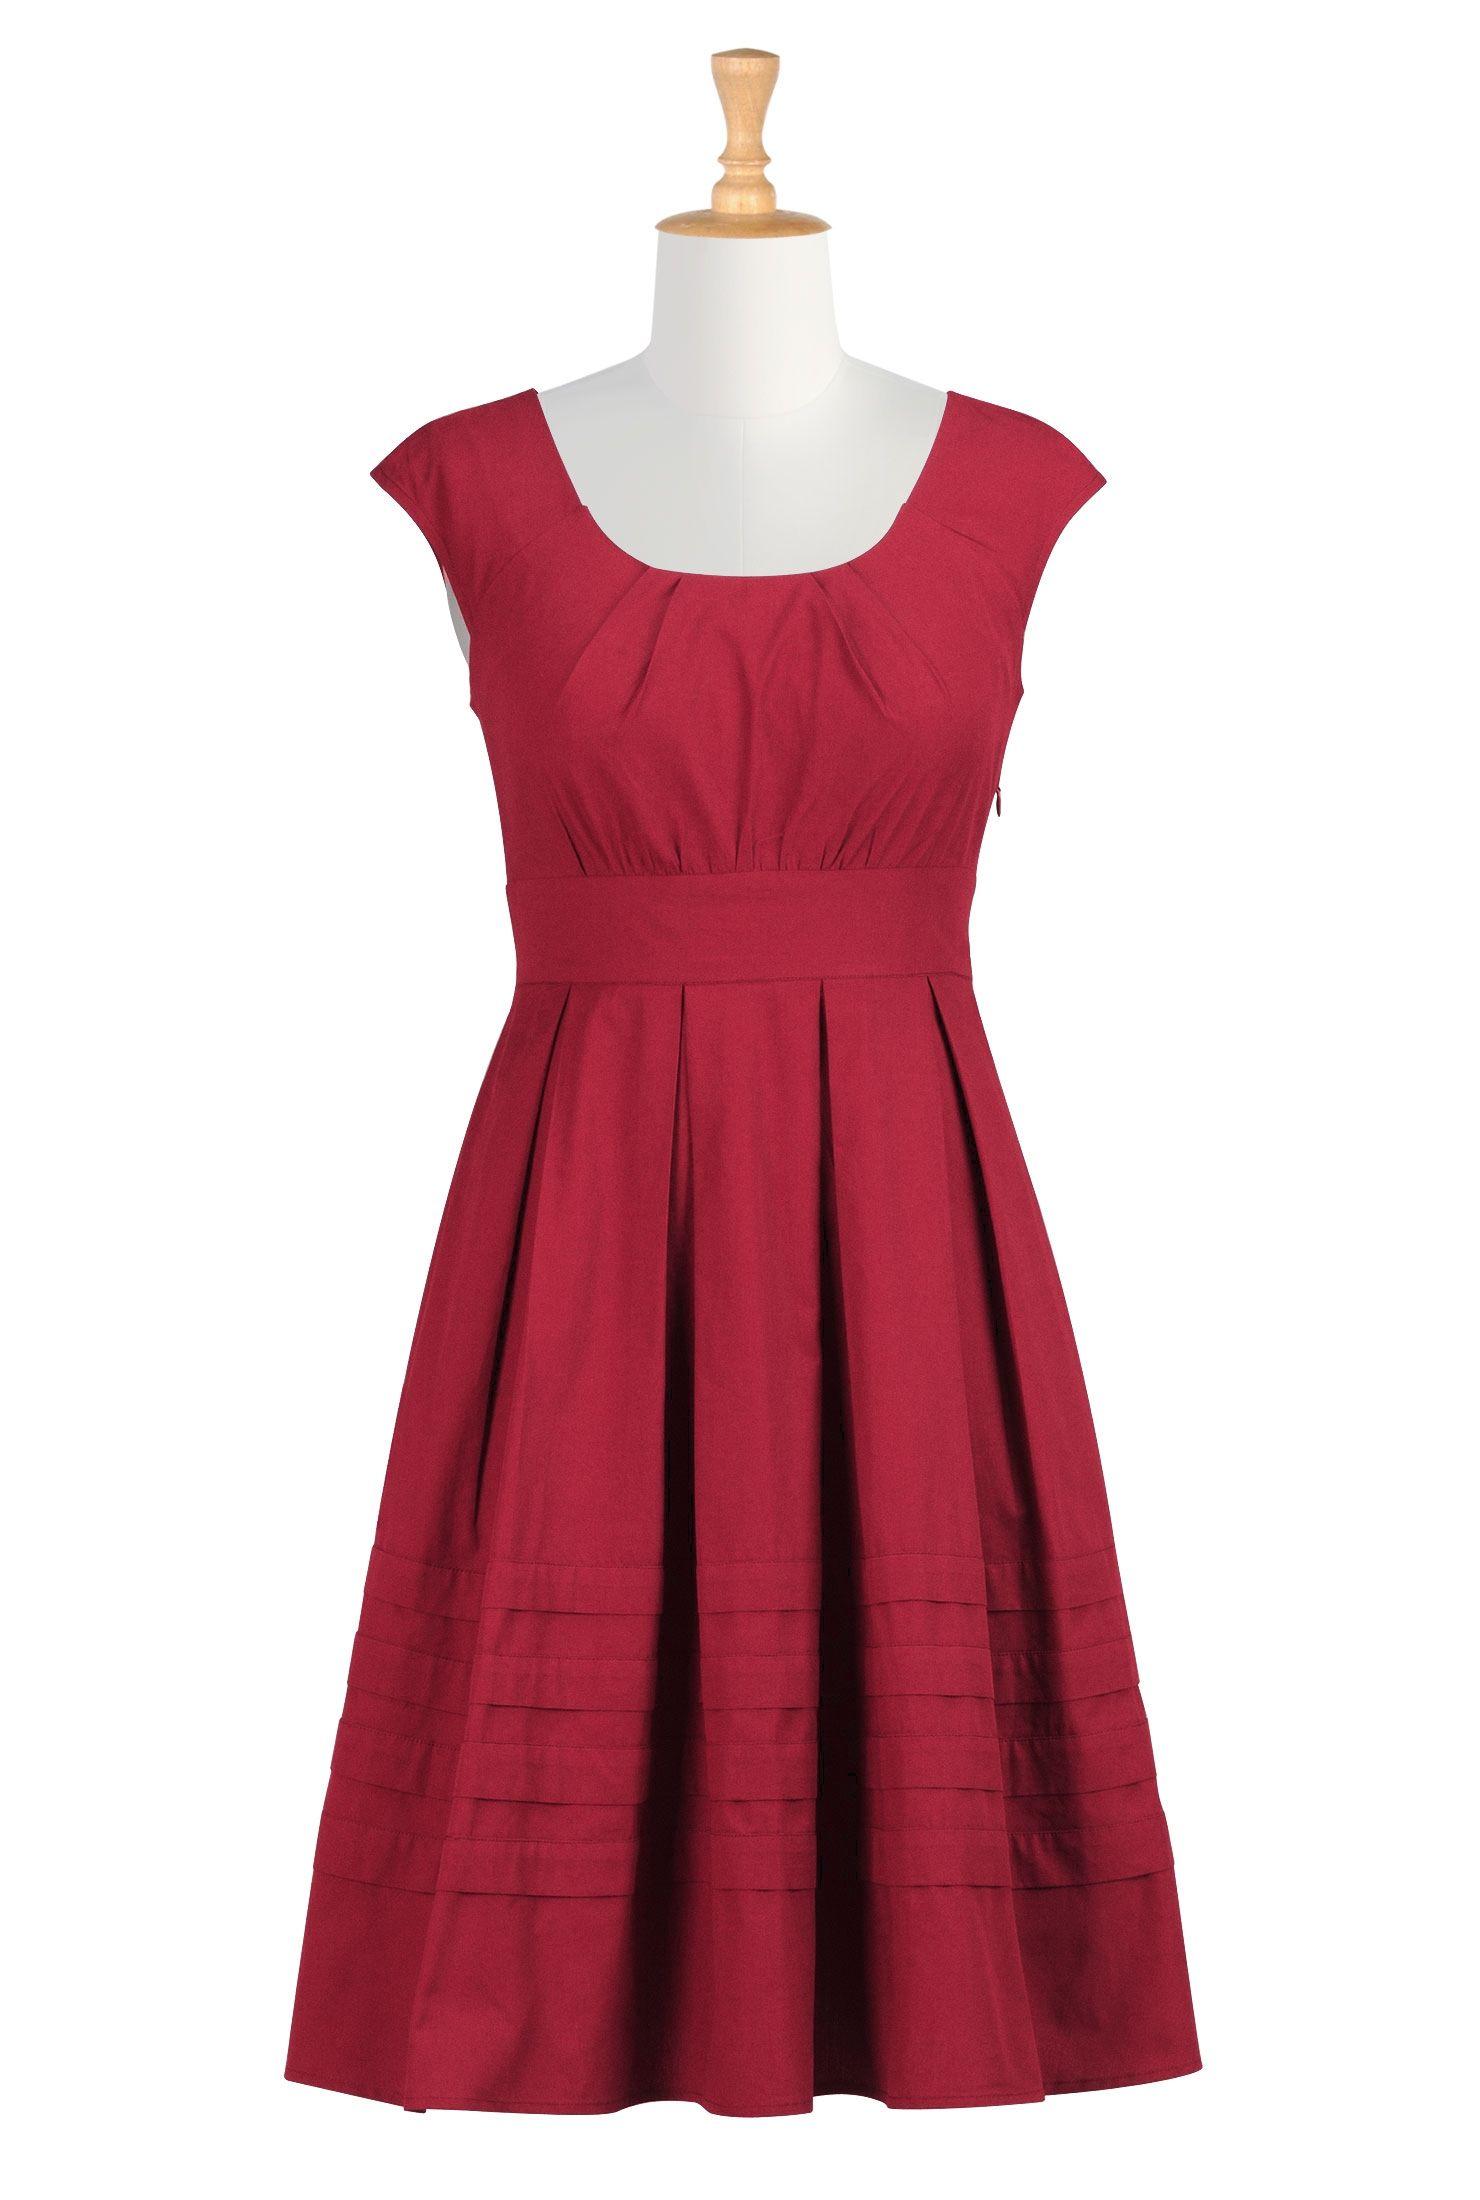 Aline pleated dresses belowkneelength dresses womens short